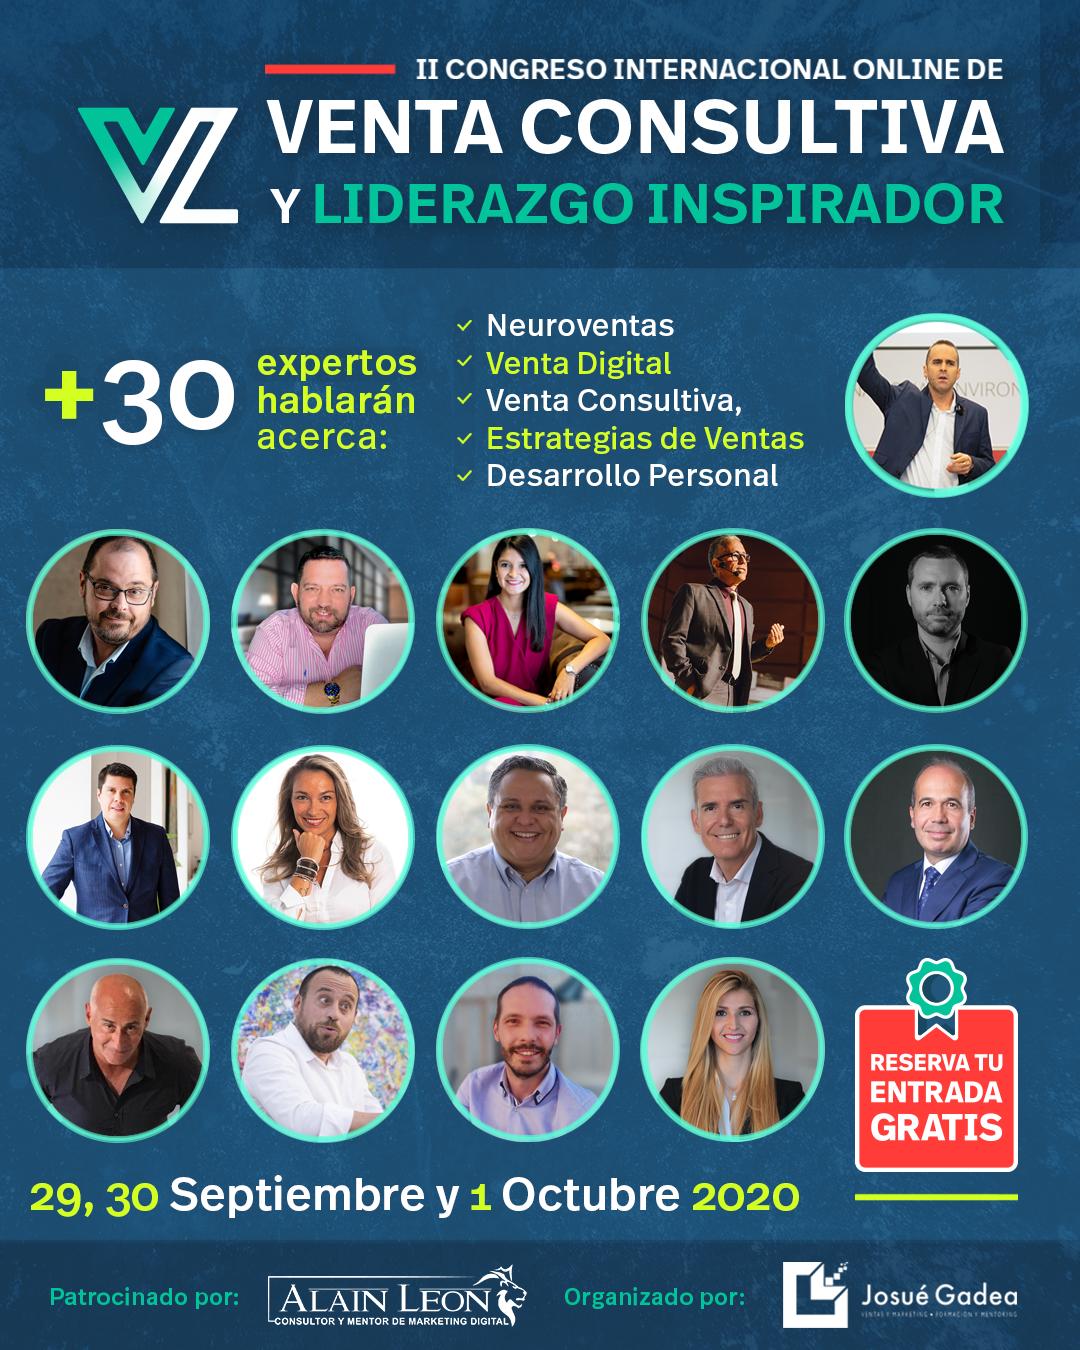 Vuelve el Congreso Internacional Online de Venta Consultiva y Liderazgo Inspirador